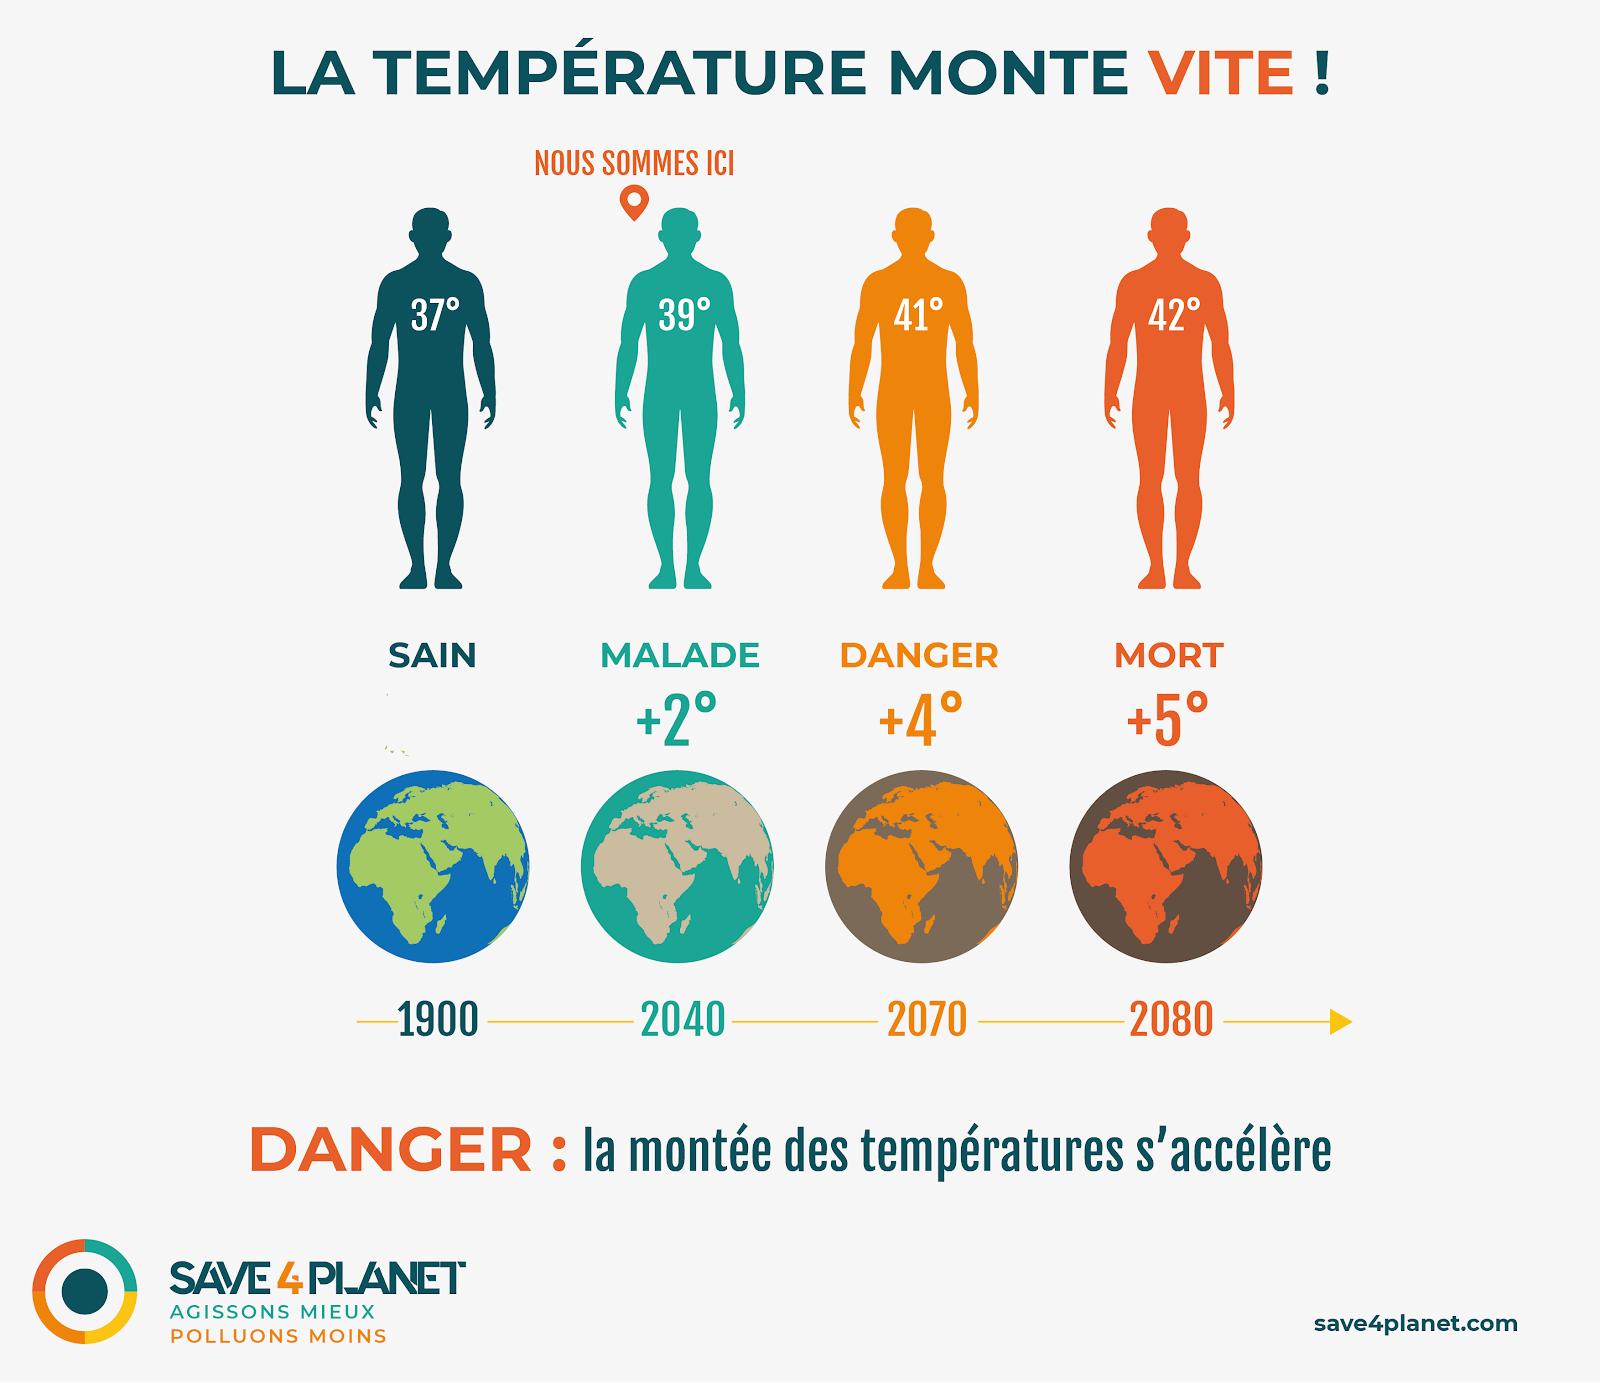 Illustration de l'augmentation de la temperature sur l'Homme